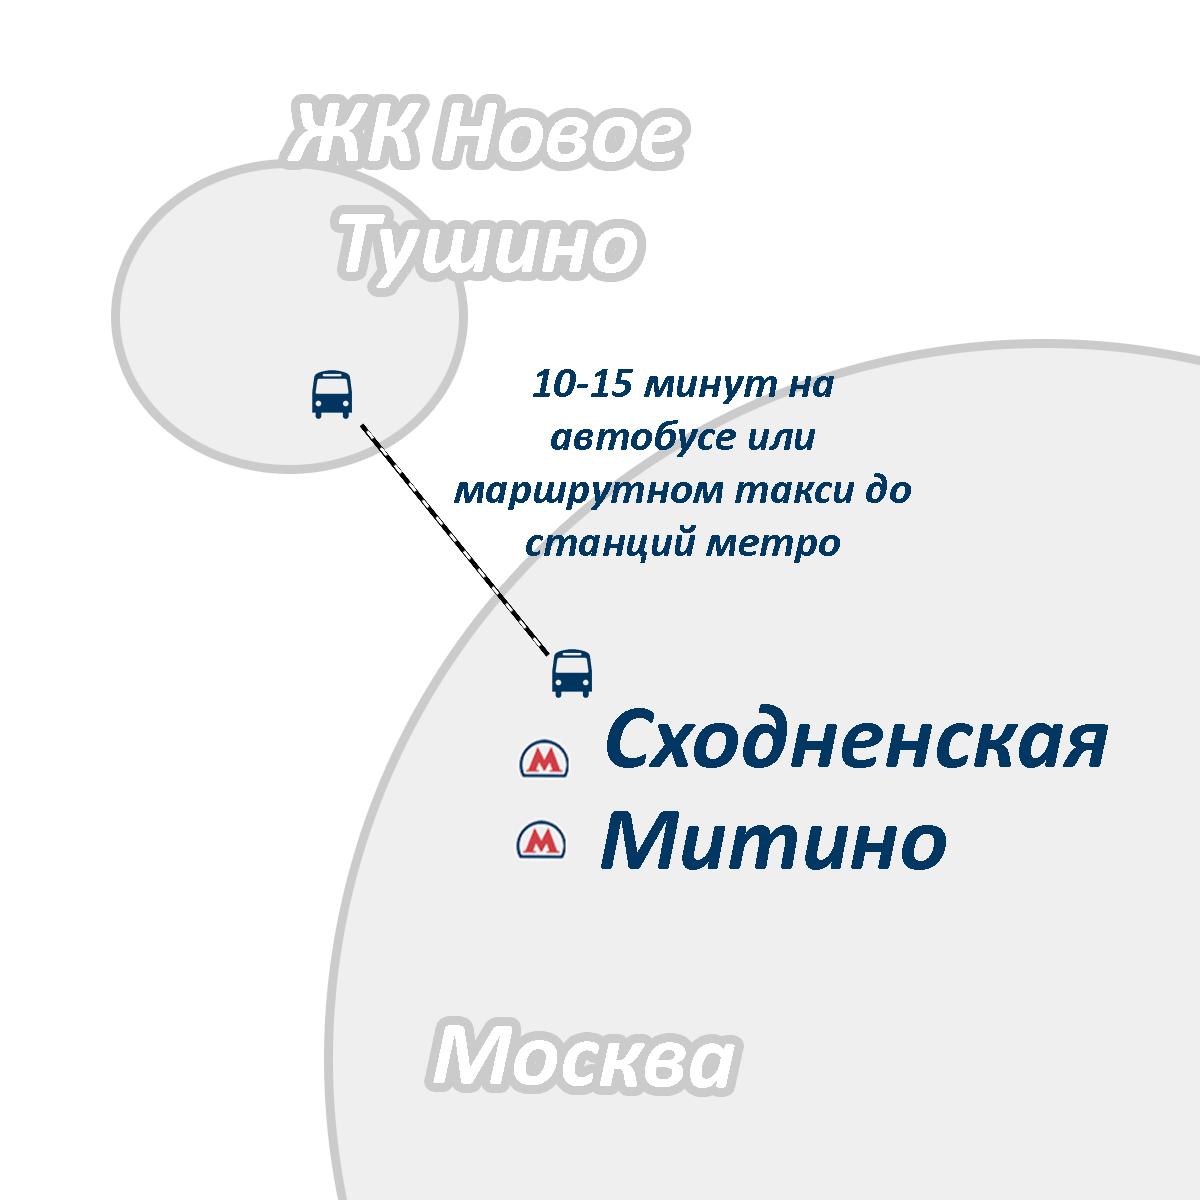 ЖК Новое Тушино